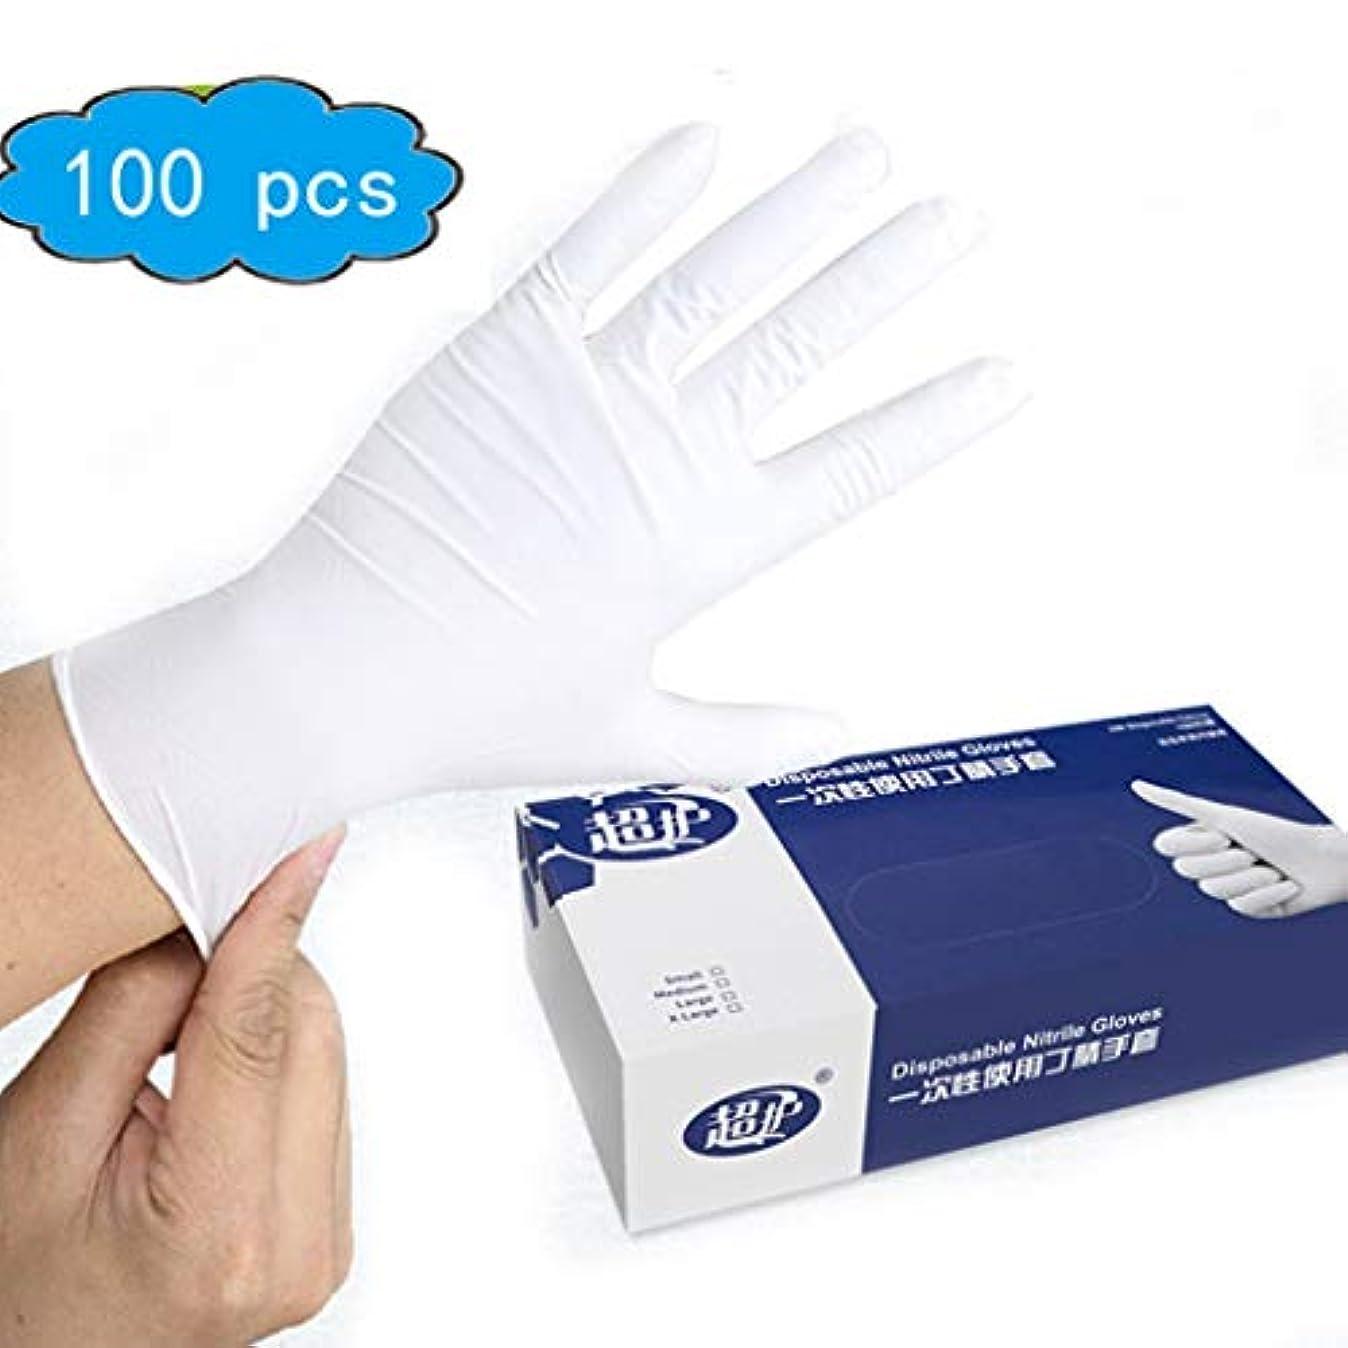 日食スタジアムジムニトリル手袋 - ラテックスフリー、パウダーフリー、非滅菌、衛生手袋、100のボックス (Color : White, Size : S)